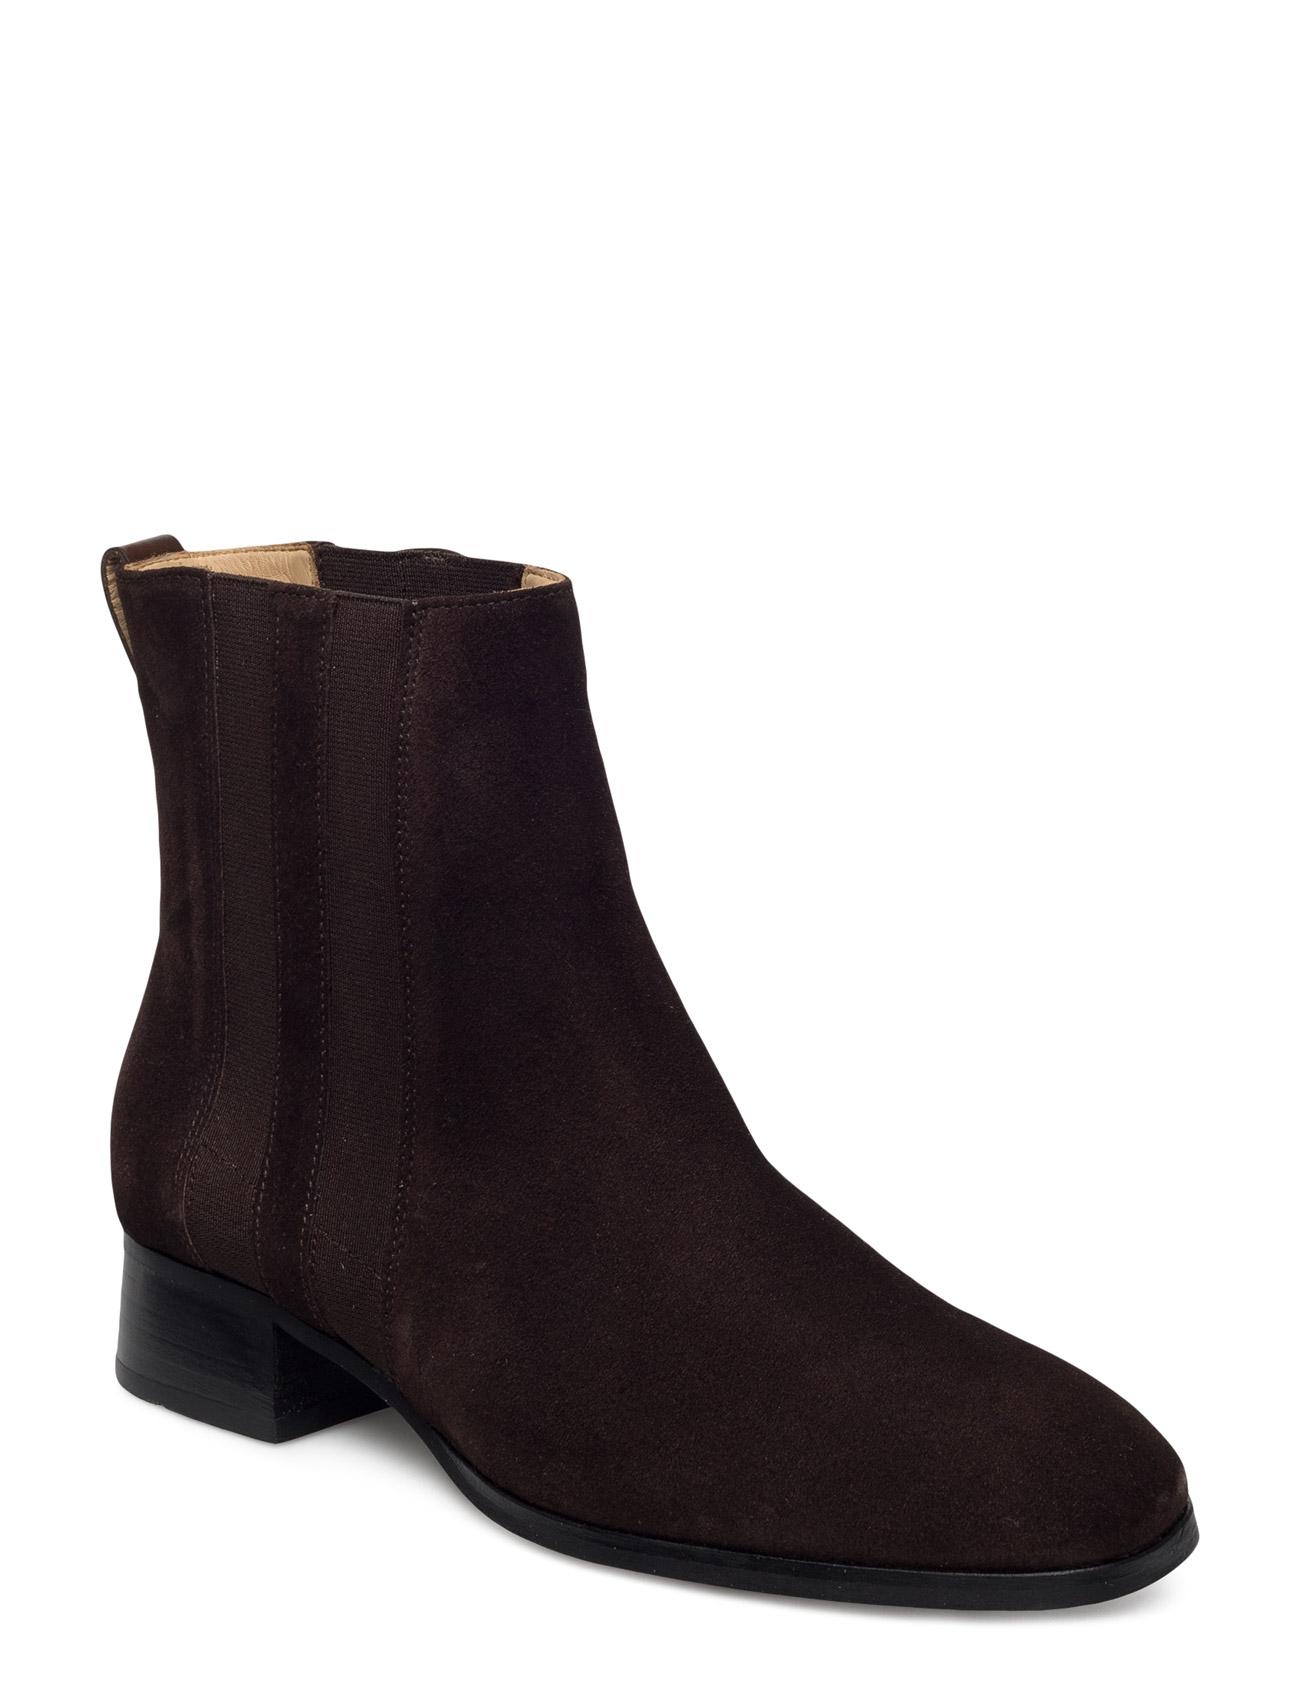 Sally Mid Boot GANT Støvler til Kvinder i Mørkebrun